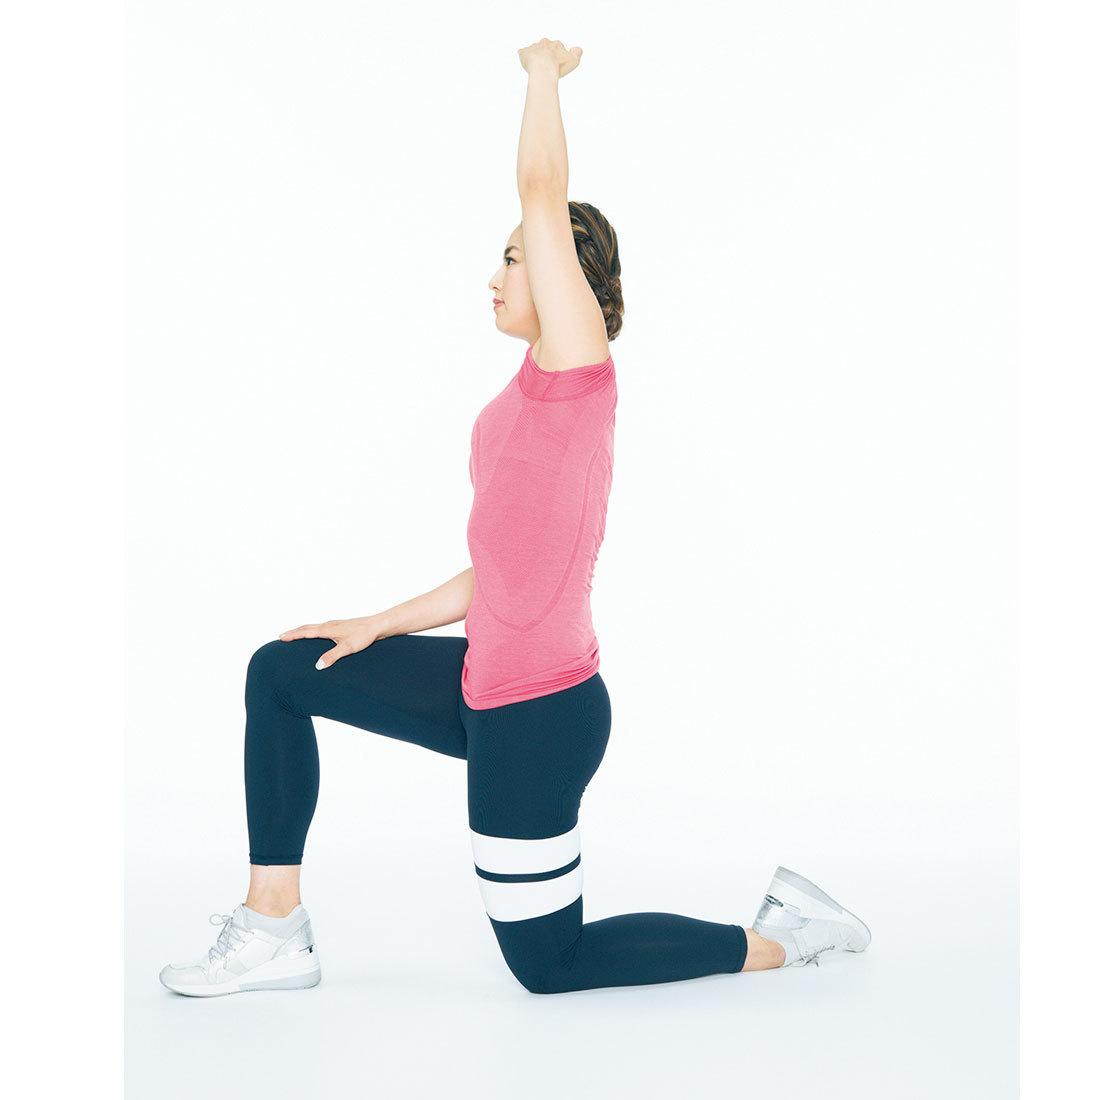 アラフォーからのヒップアップトレーニング 腸腰筋を伸ばす